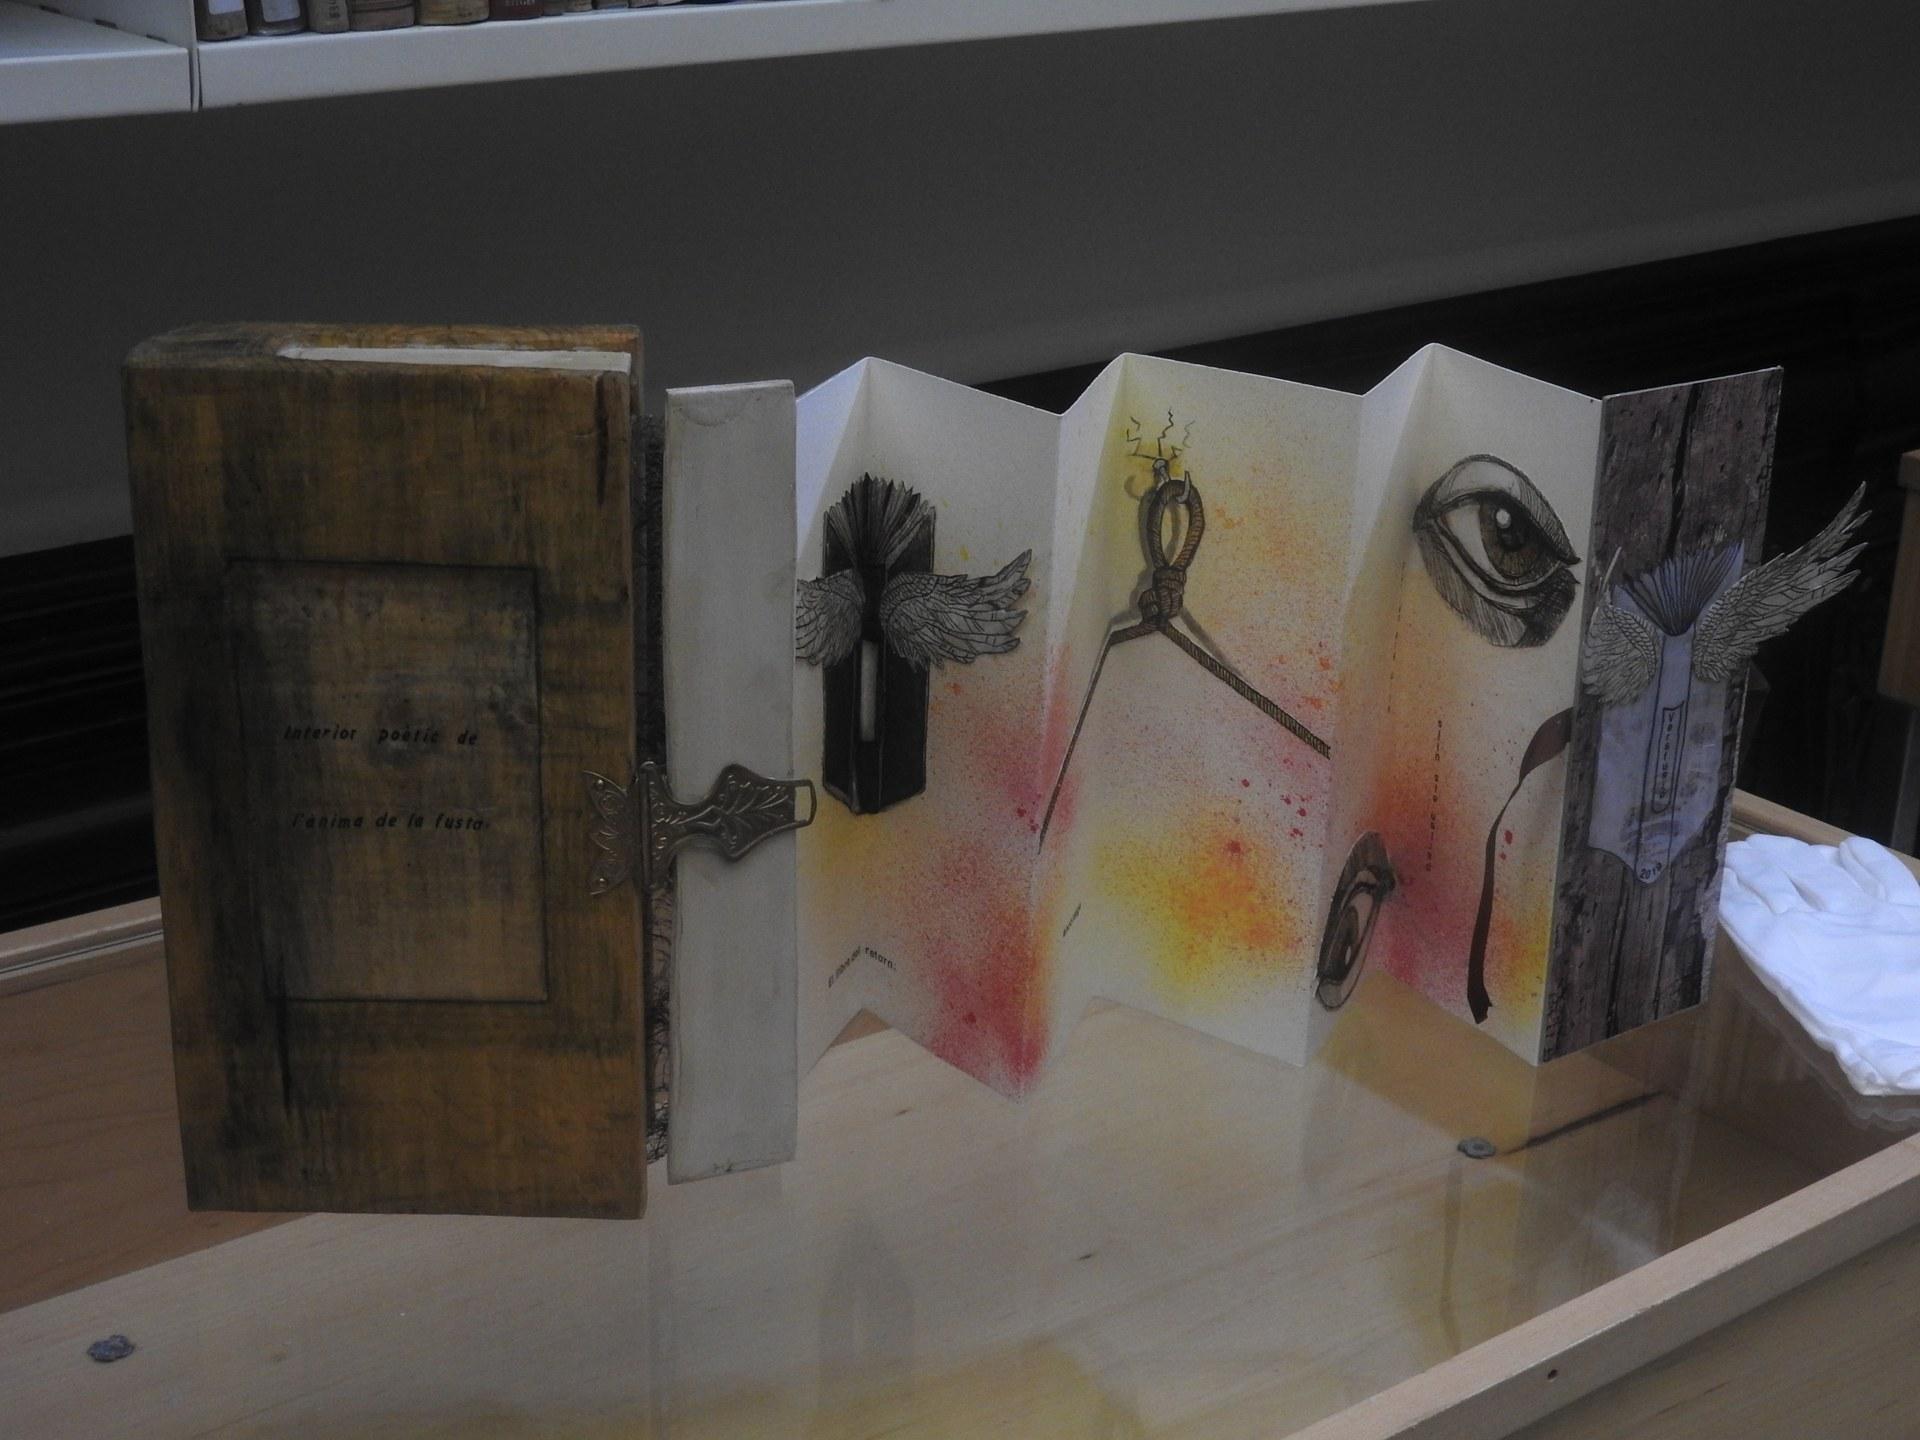 Llibres d'Artista: obres d'art a la Biblioteca Santiago